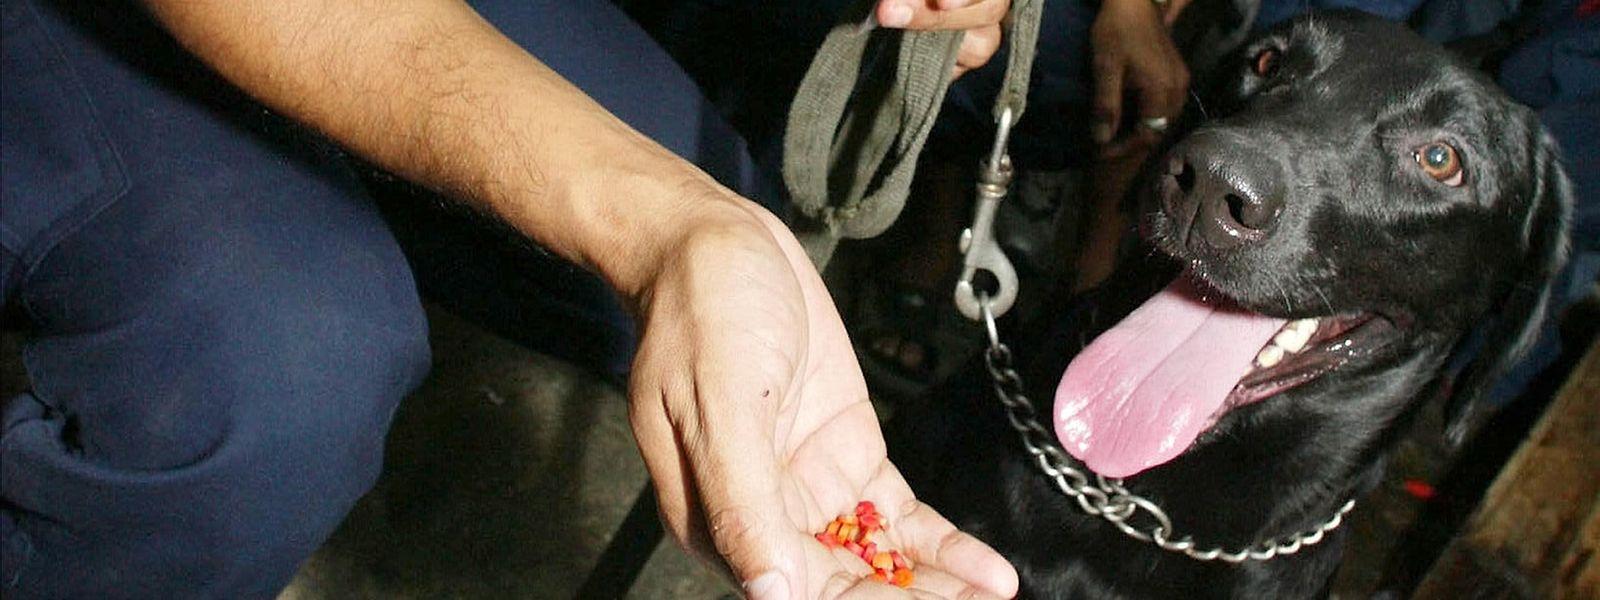 L'efficacité du flair des chiens en matière de détection de stupéfiants n'est plus à démontrer.